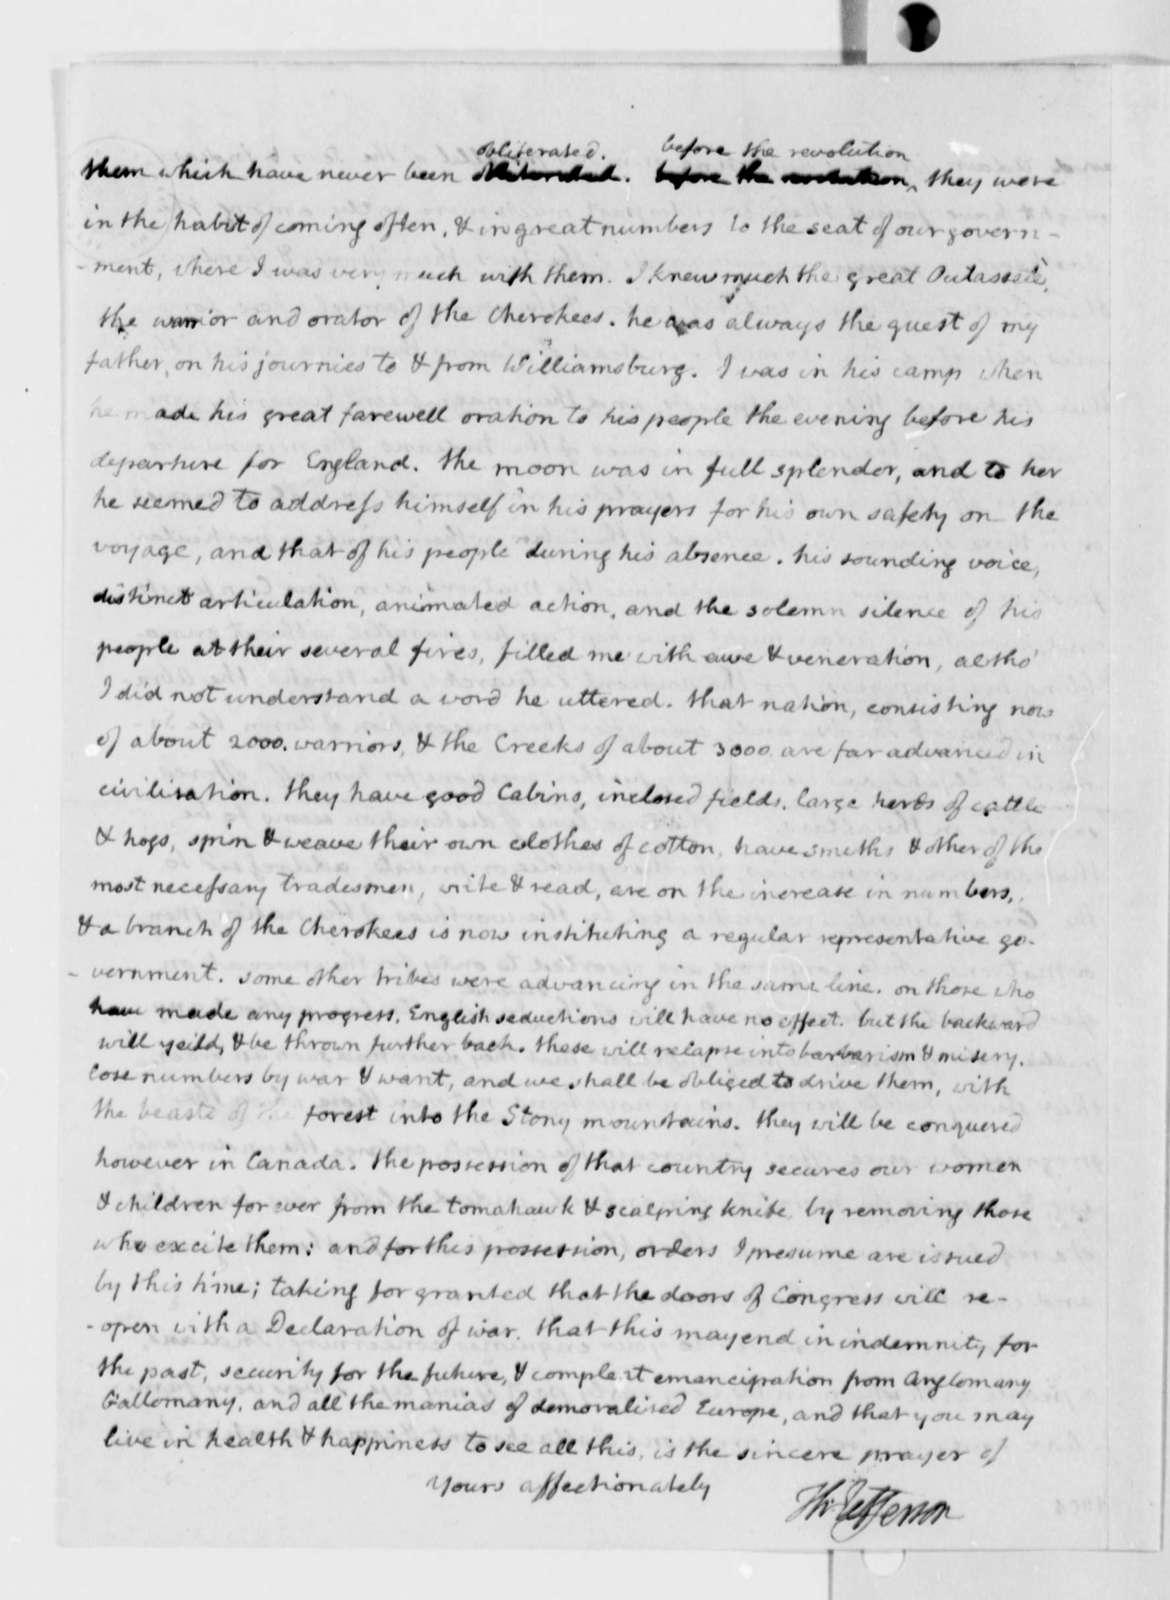 Thomas Jefferson to John Adams, June 12, 1812